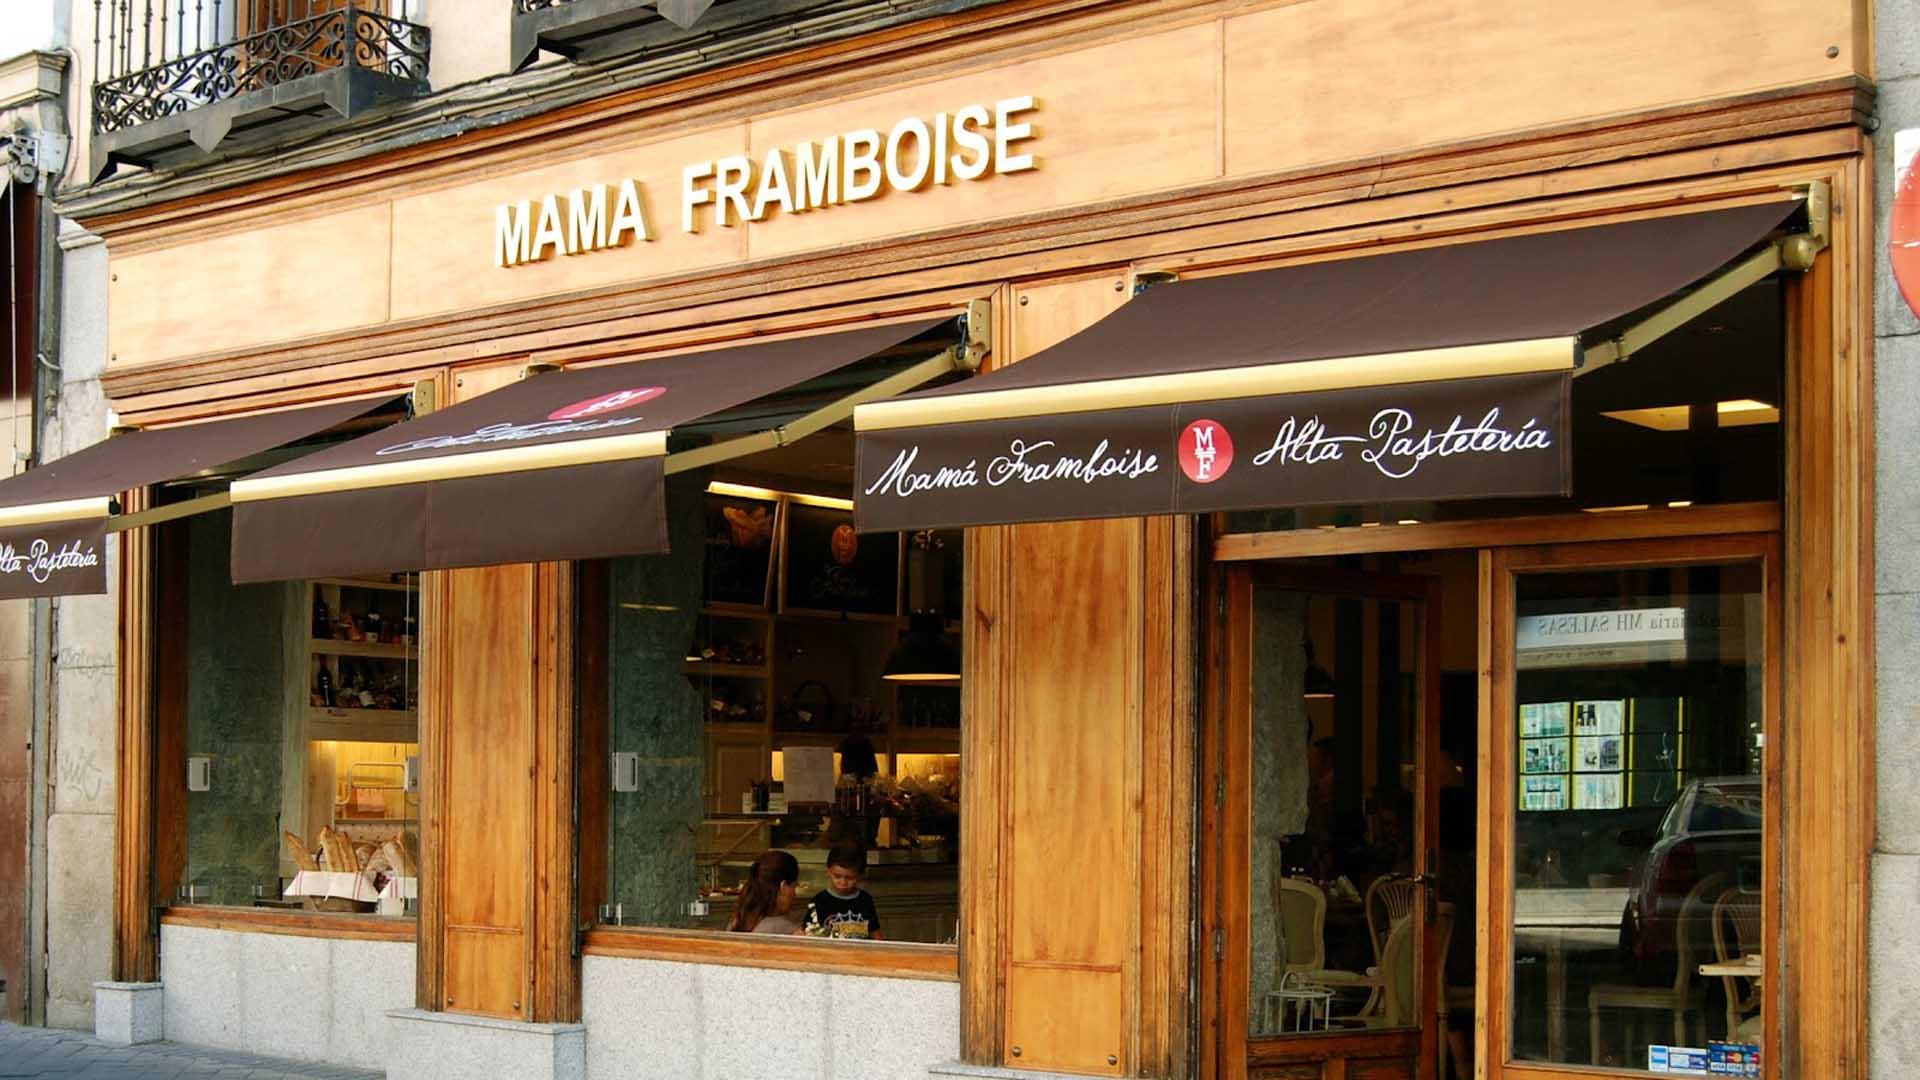 Inició su pequeño negocio con la visión de establecer una pastelería de calidad artesanal